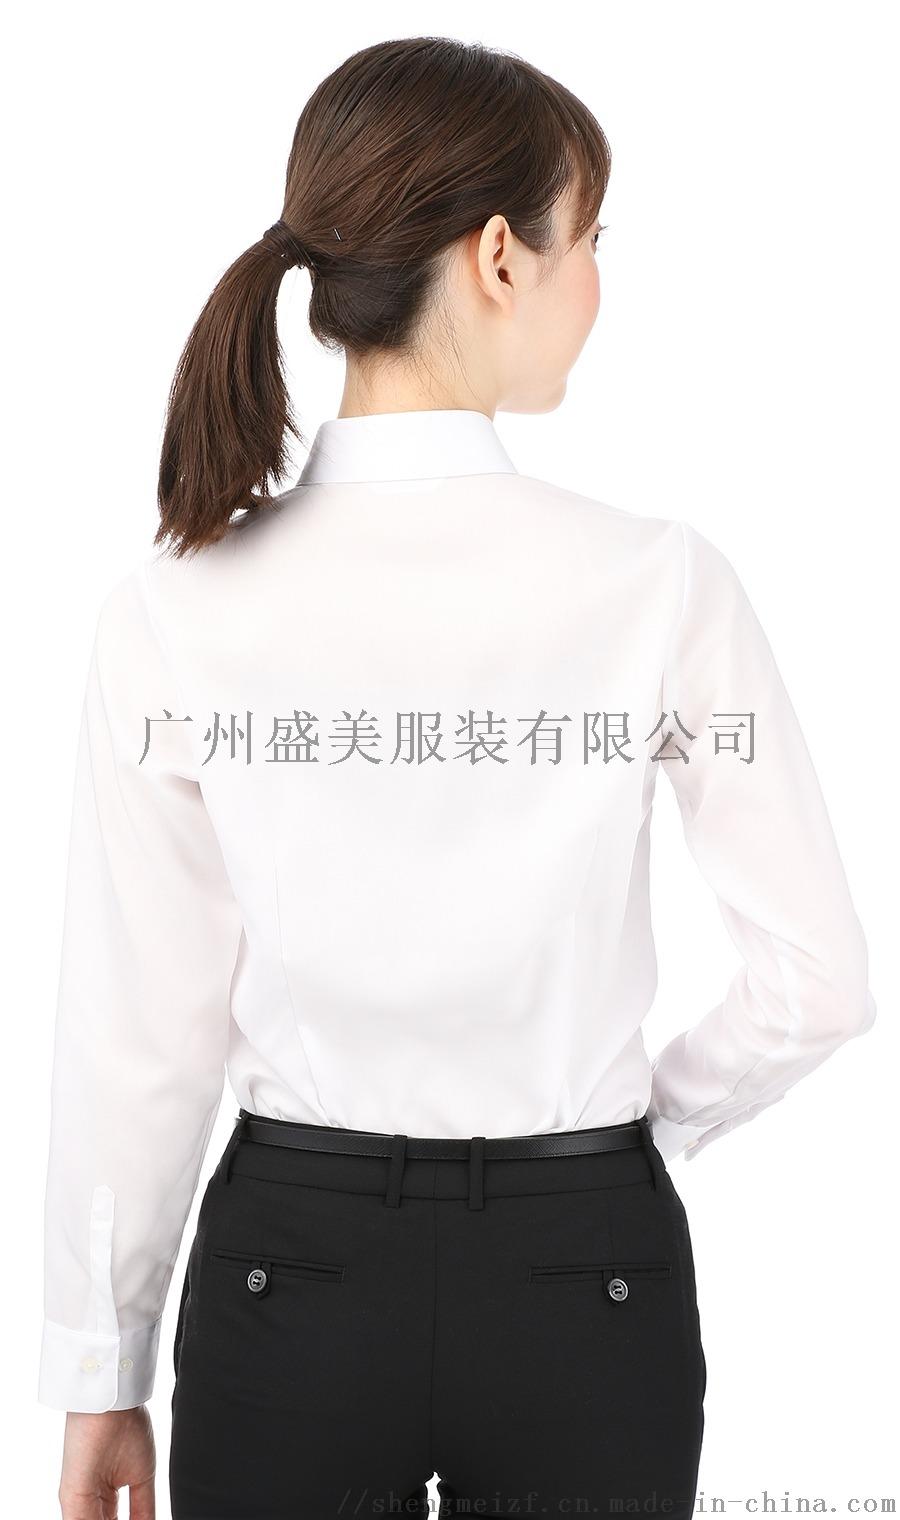 番禺区衬衫定做,钟村员工衬衣定制,绣字衬衫订做765073812